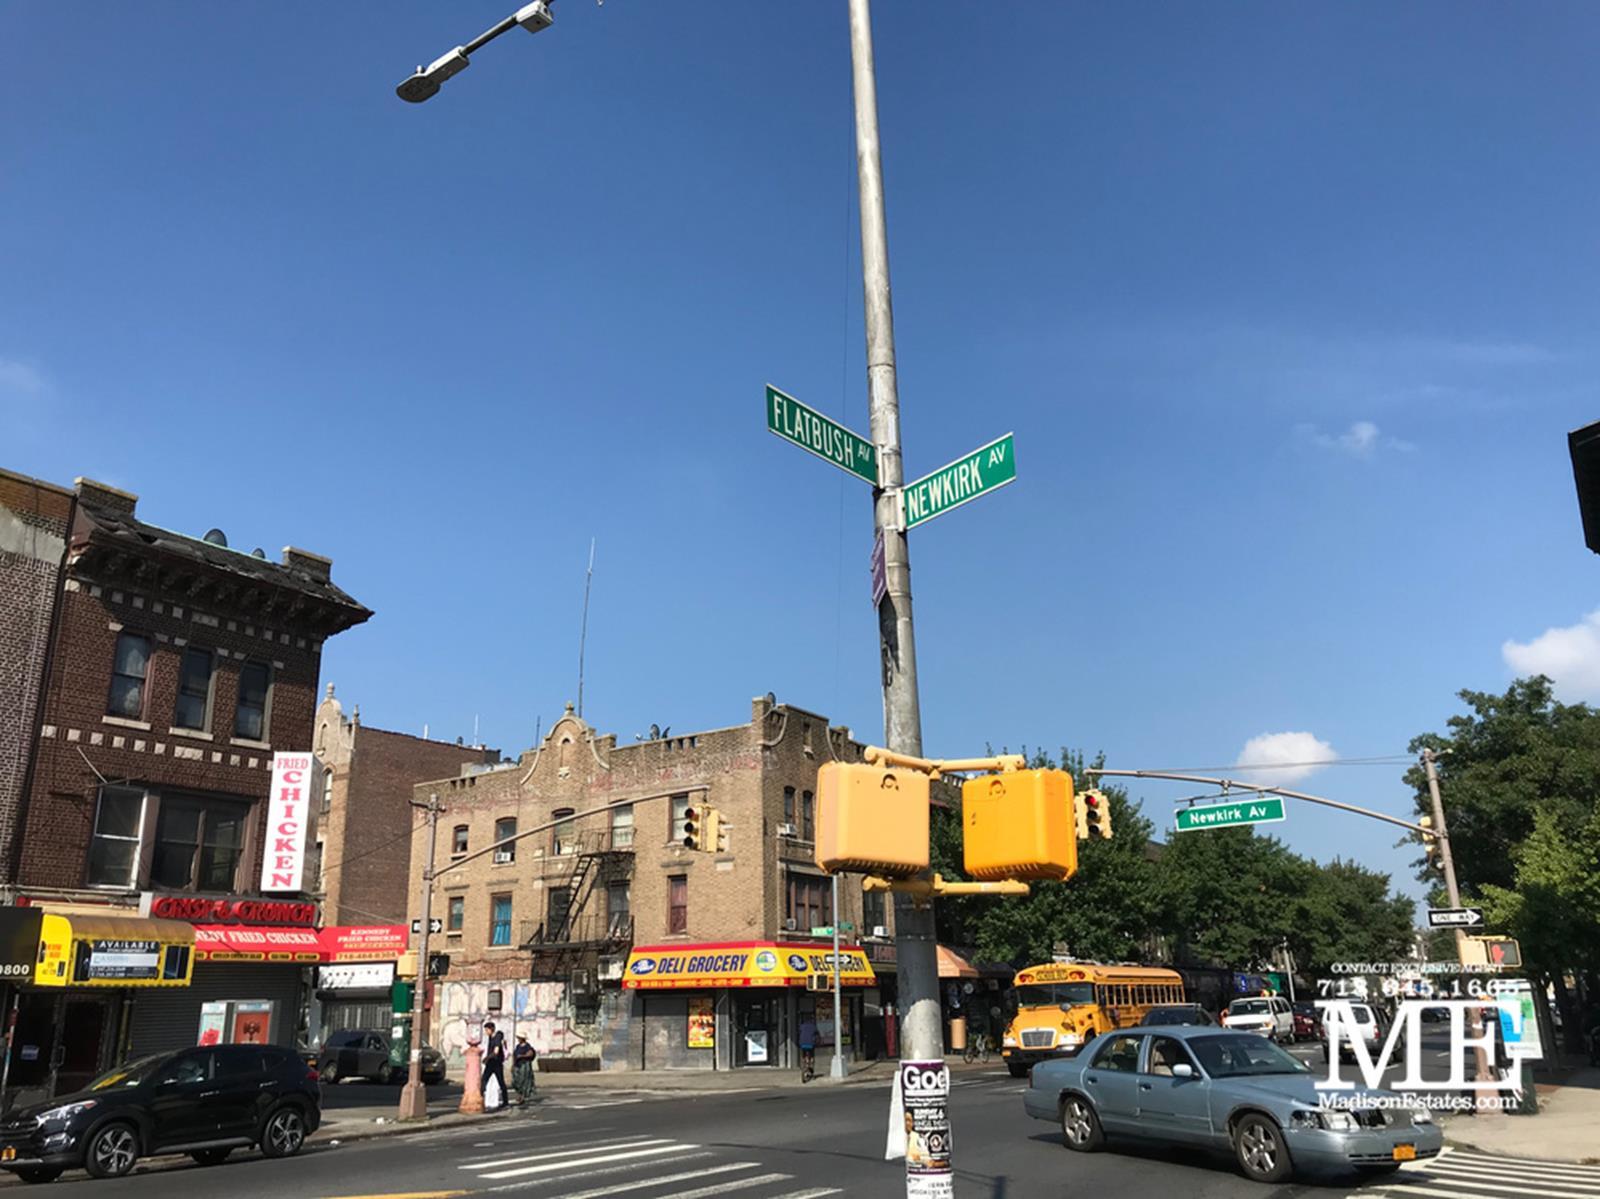 126-1267 Flatbush Avenue Flatbush Brooklyn NY 11226